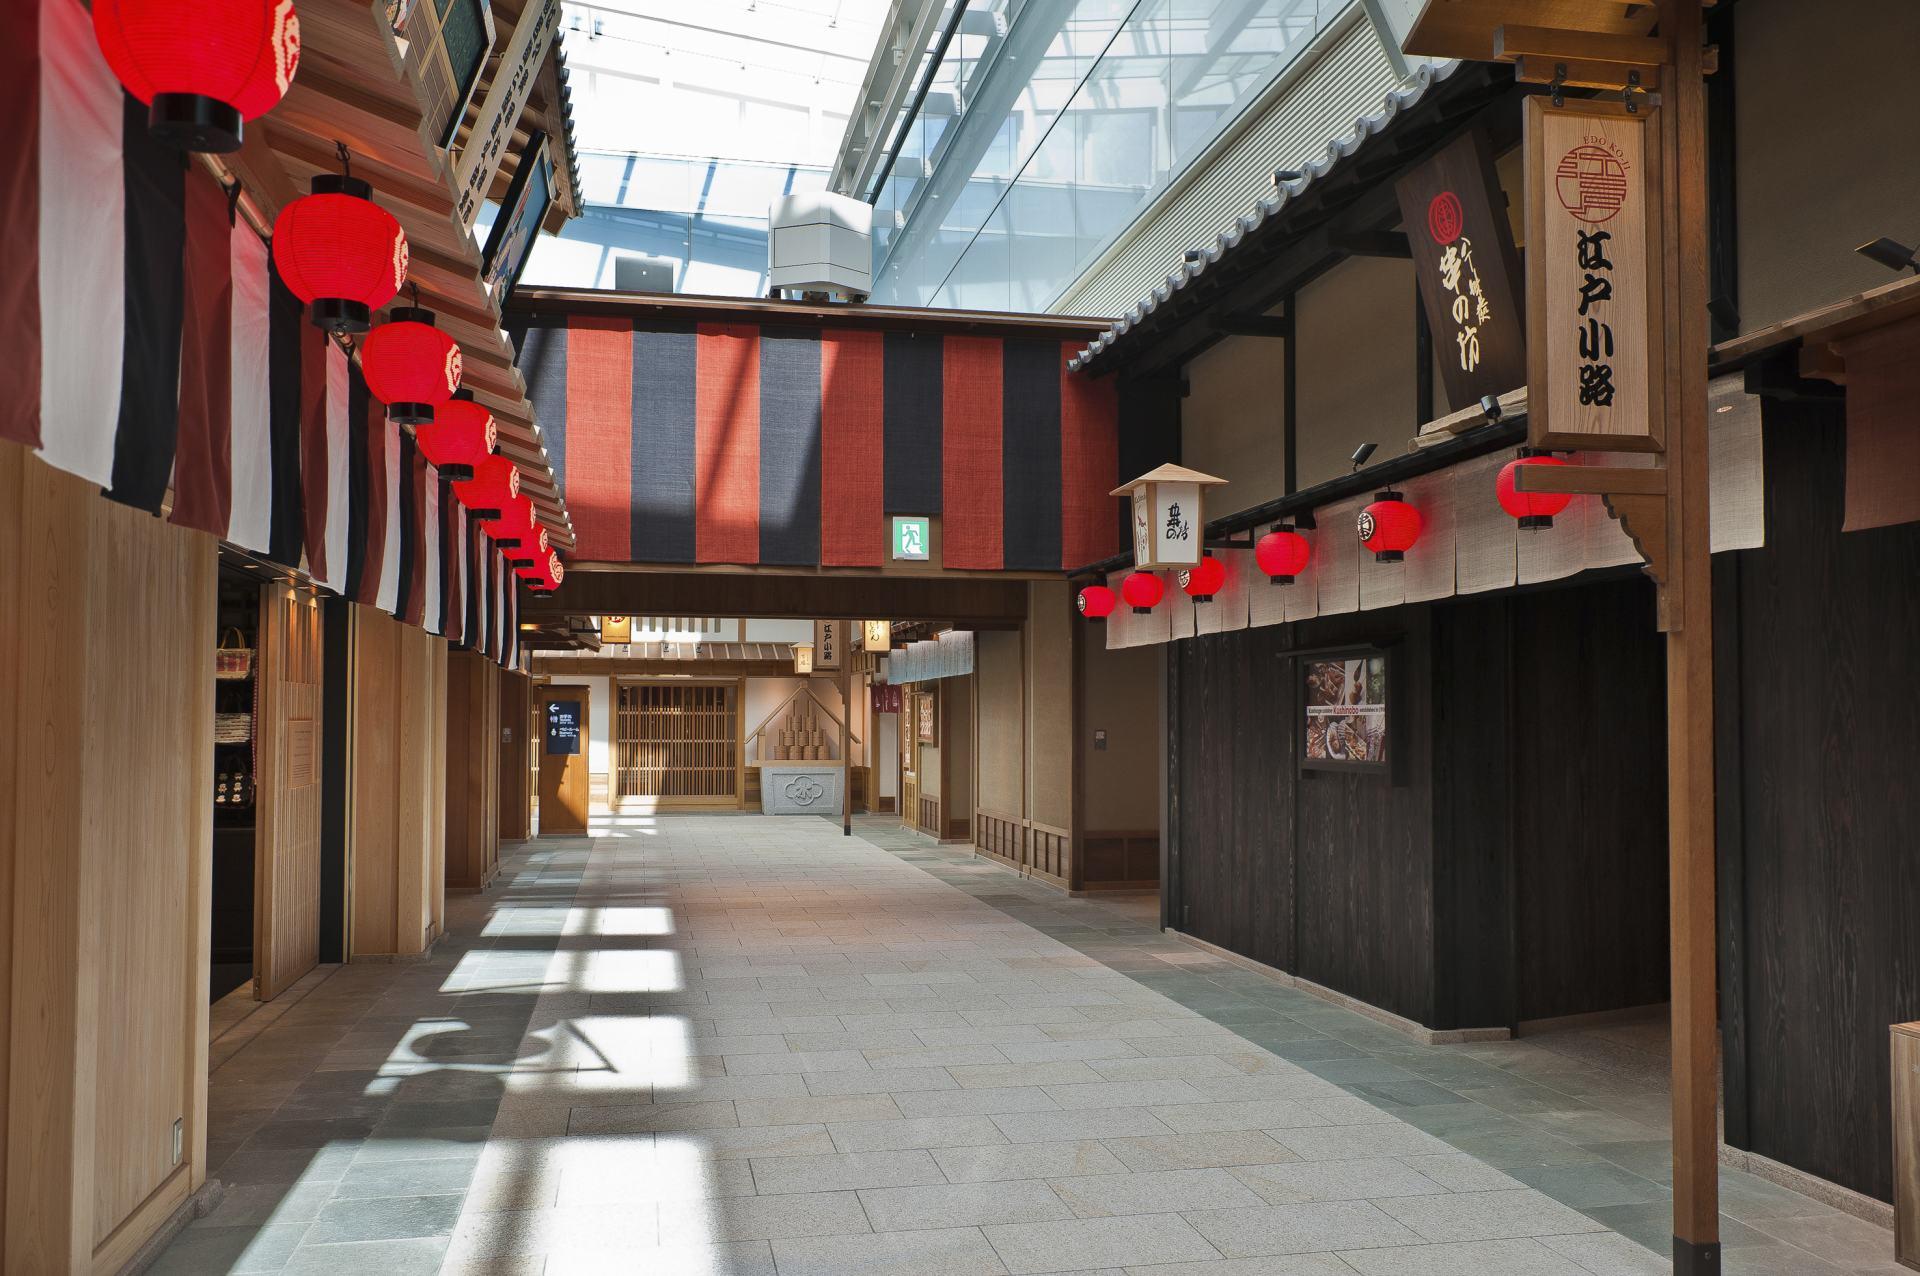 羽田机场、国际线航厦车站、江户小路、购物、餐厅、日本式、日本、机场